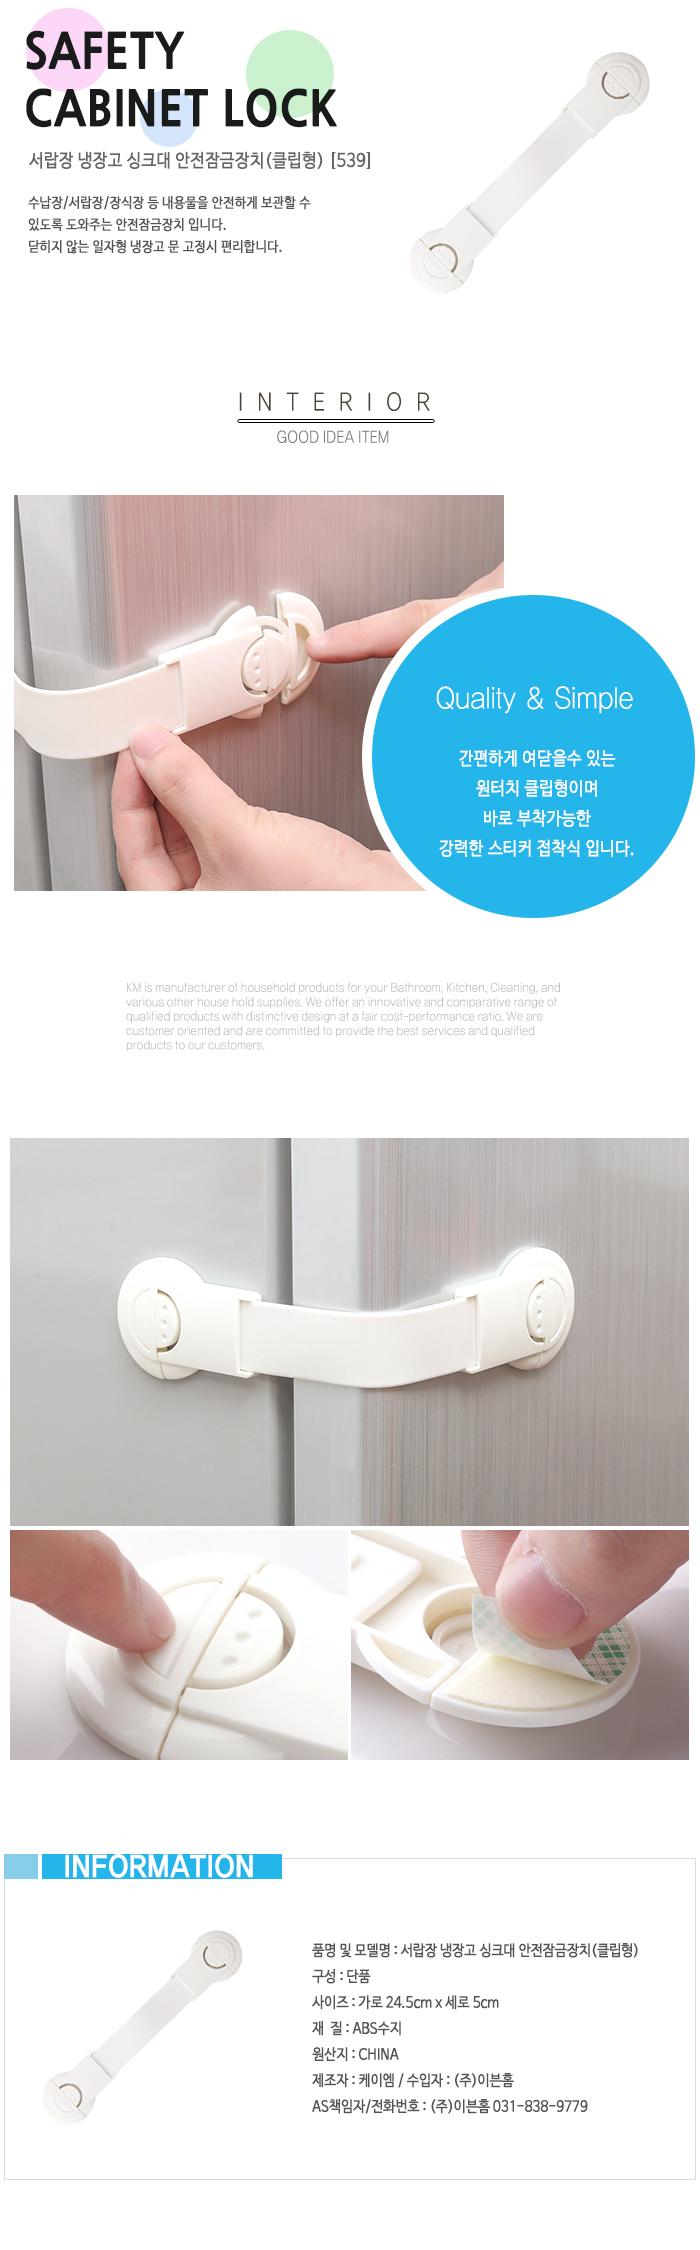 서랍장 냉장고 싱크대 안전잠금장치(클립형) (539) - 케이엠, 2,900원, 주방수납용품, 진열 보관대